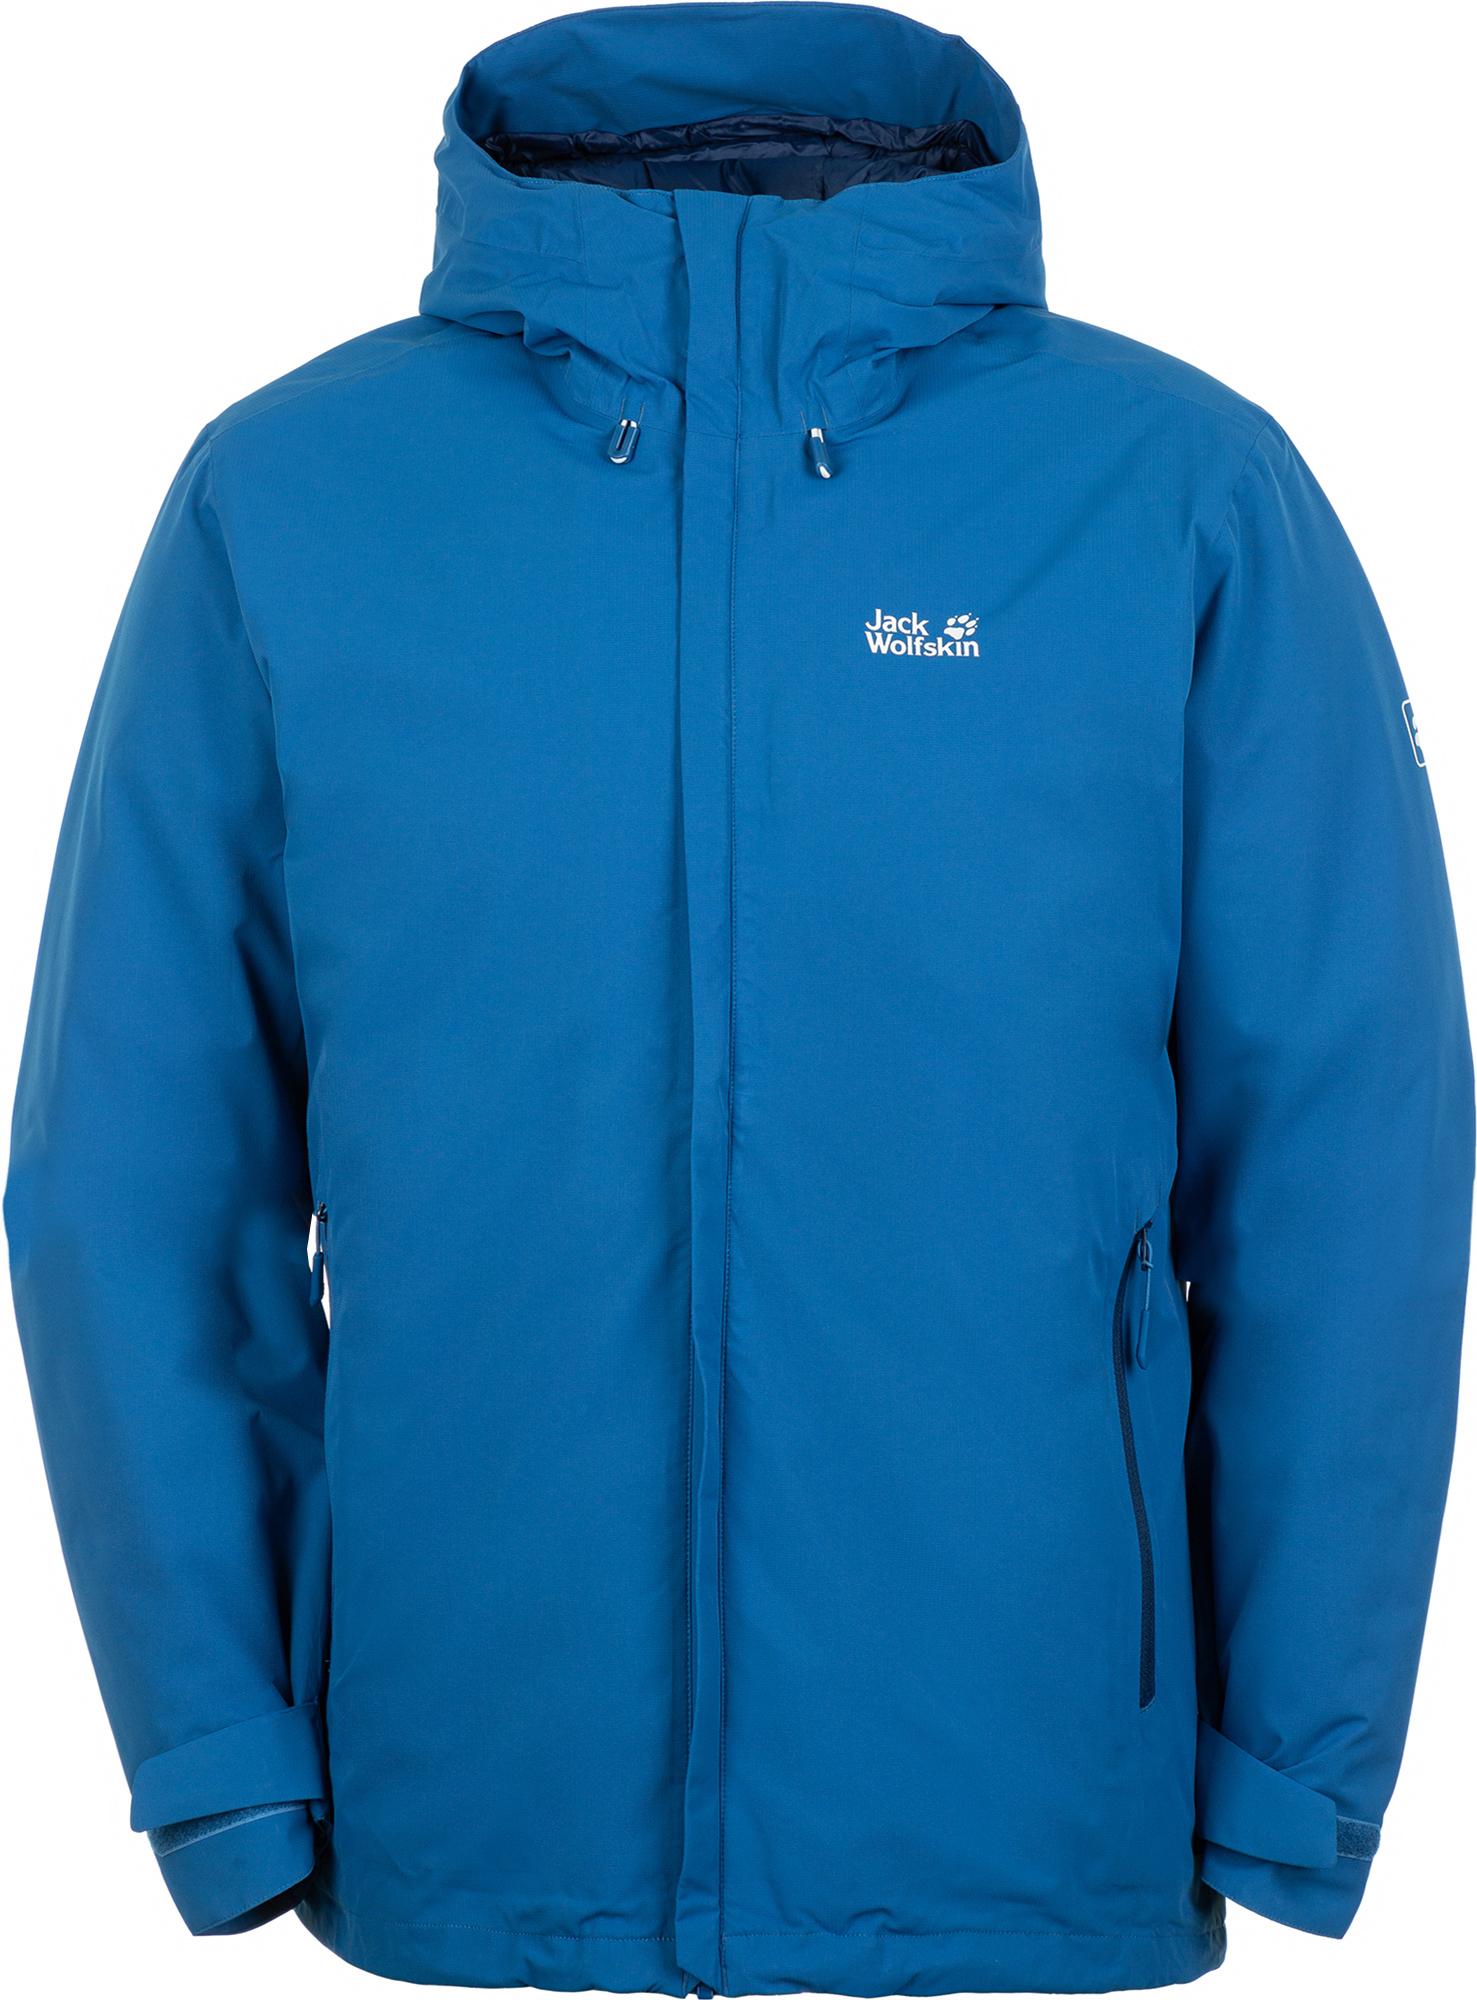 лучшая цена Jack Wolfskin Куртка утепленная мужская Jack Wolfskin Argon Storm, размер 54-56